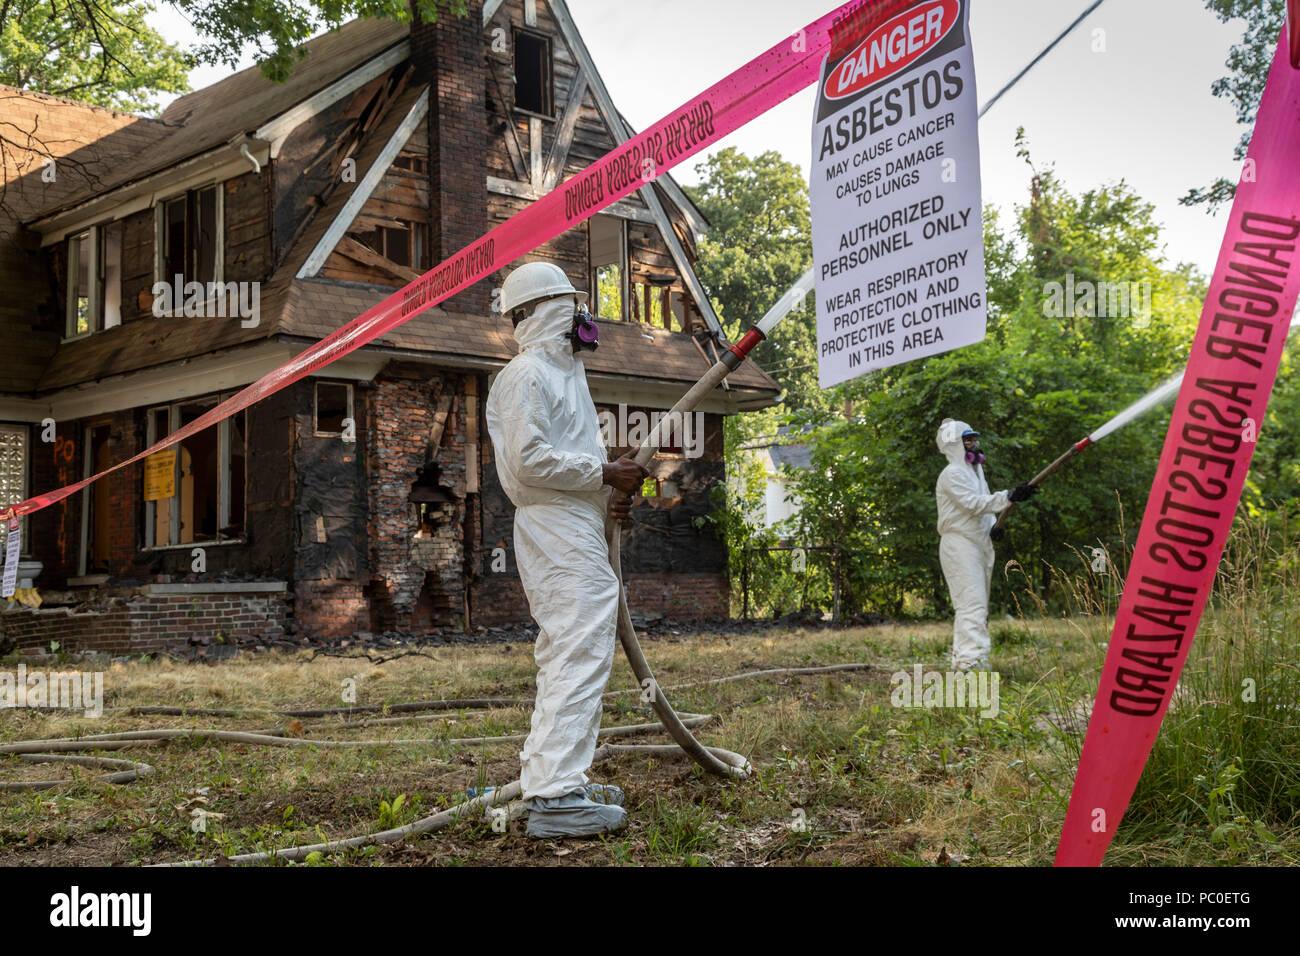 Detroit, Michigan - uso abbigliamento protettivo per la protezione contro l'esposizione all'amianto, lavoratori demolire le case abbandonate. Essi spruzzare acqua su edifici Immagini Stock